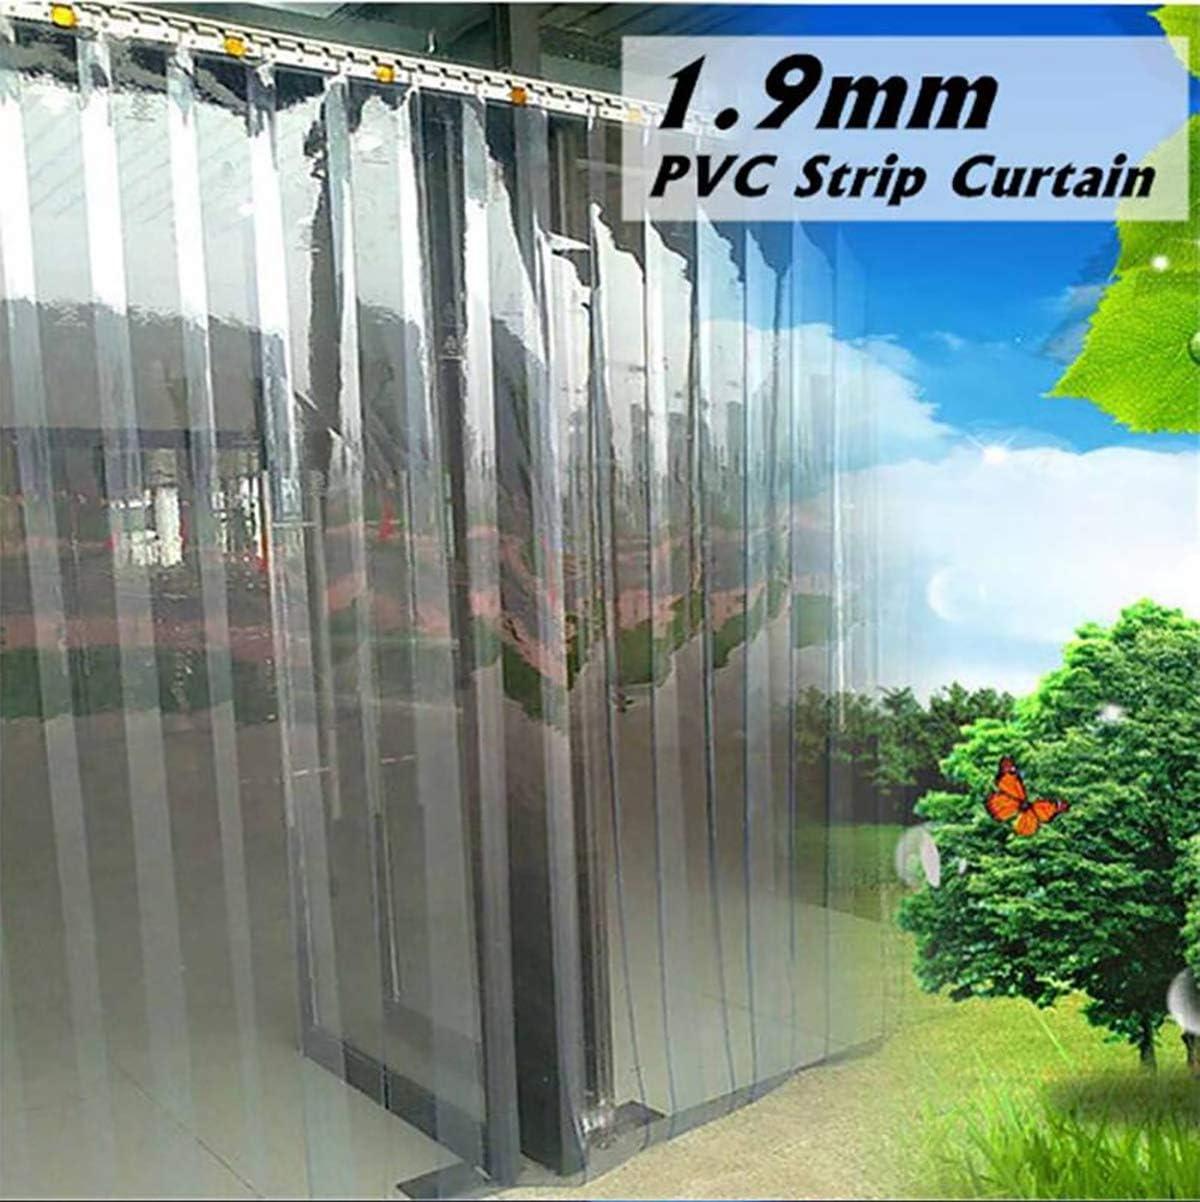 Gran franja de PVC cortina congelador habitación franja de puerta kit 200 * 70cm colgando carril cortinas a prueba de viento calor frío resistir congelador transparente habitación supermercado,1.3MM